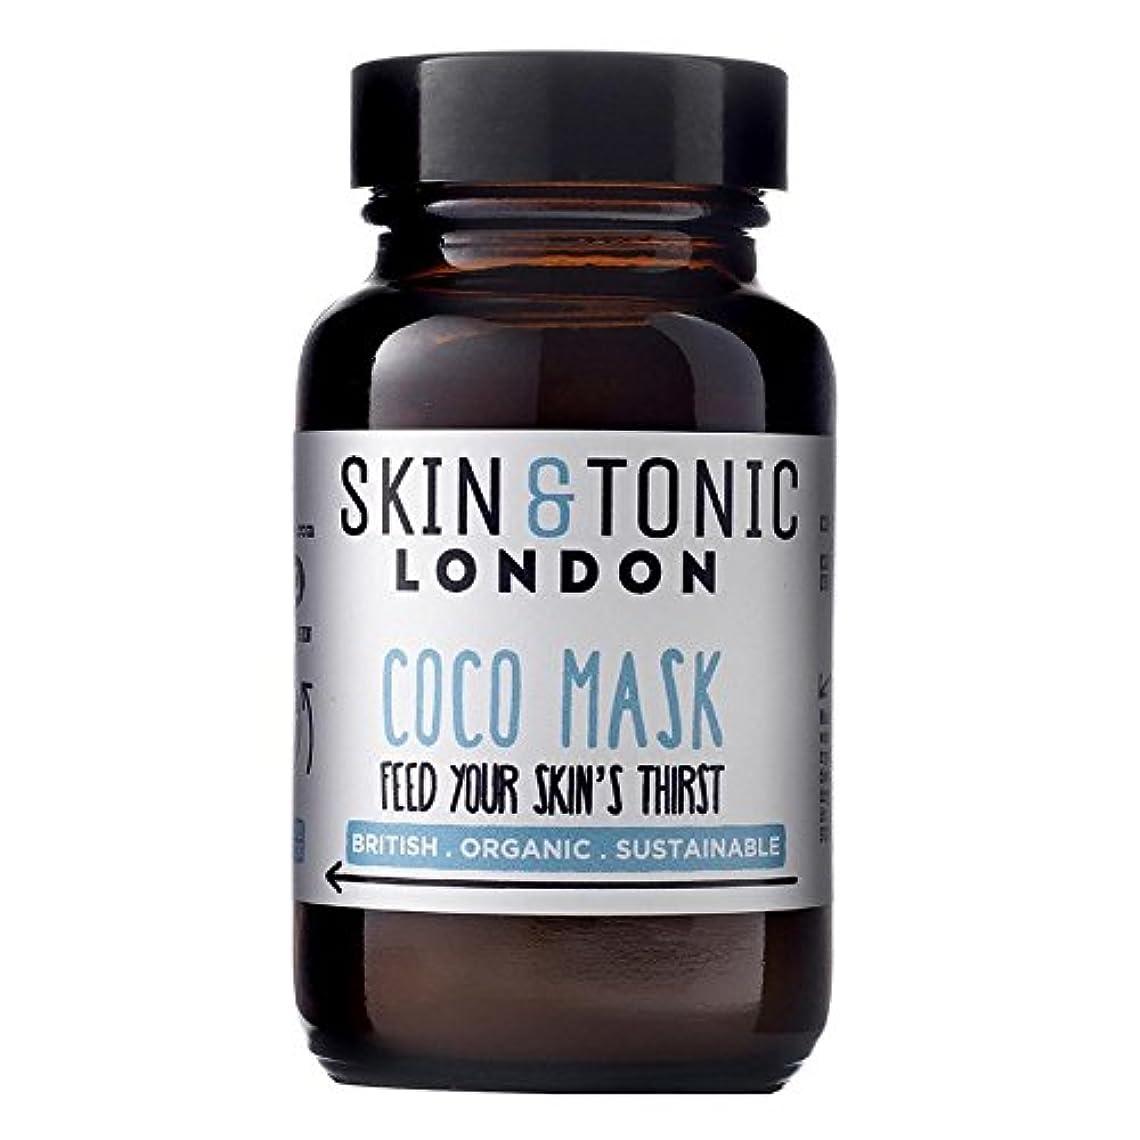 マチュピチュ買収アラビア語スキン&トニックロンドンココマスク50グラム x4 - Skin & Tonic London Coco Mask 50g (Pack of 4) [並行輸入品]